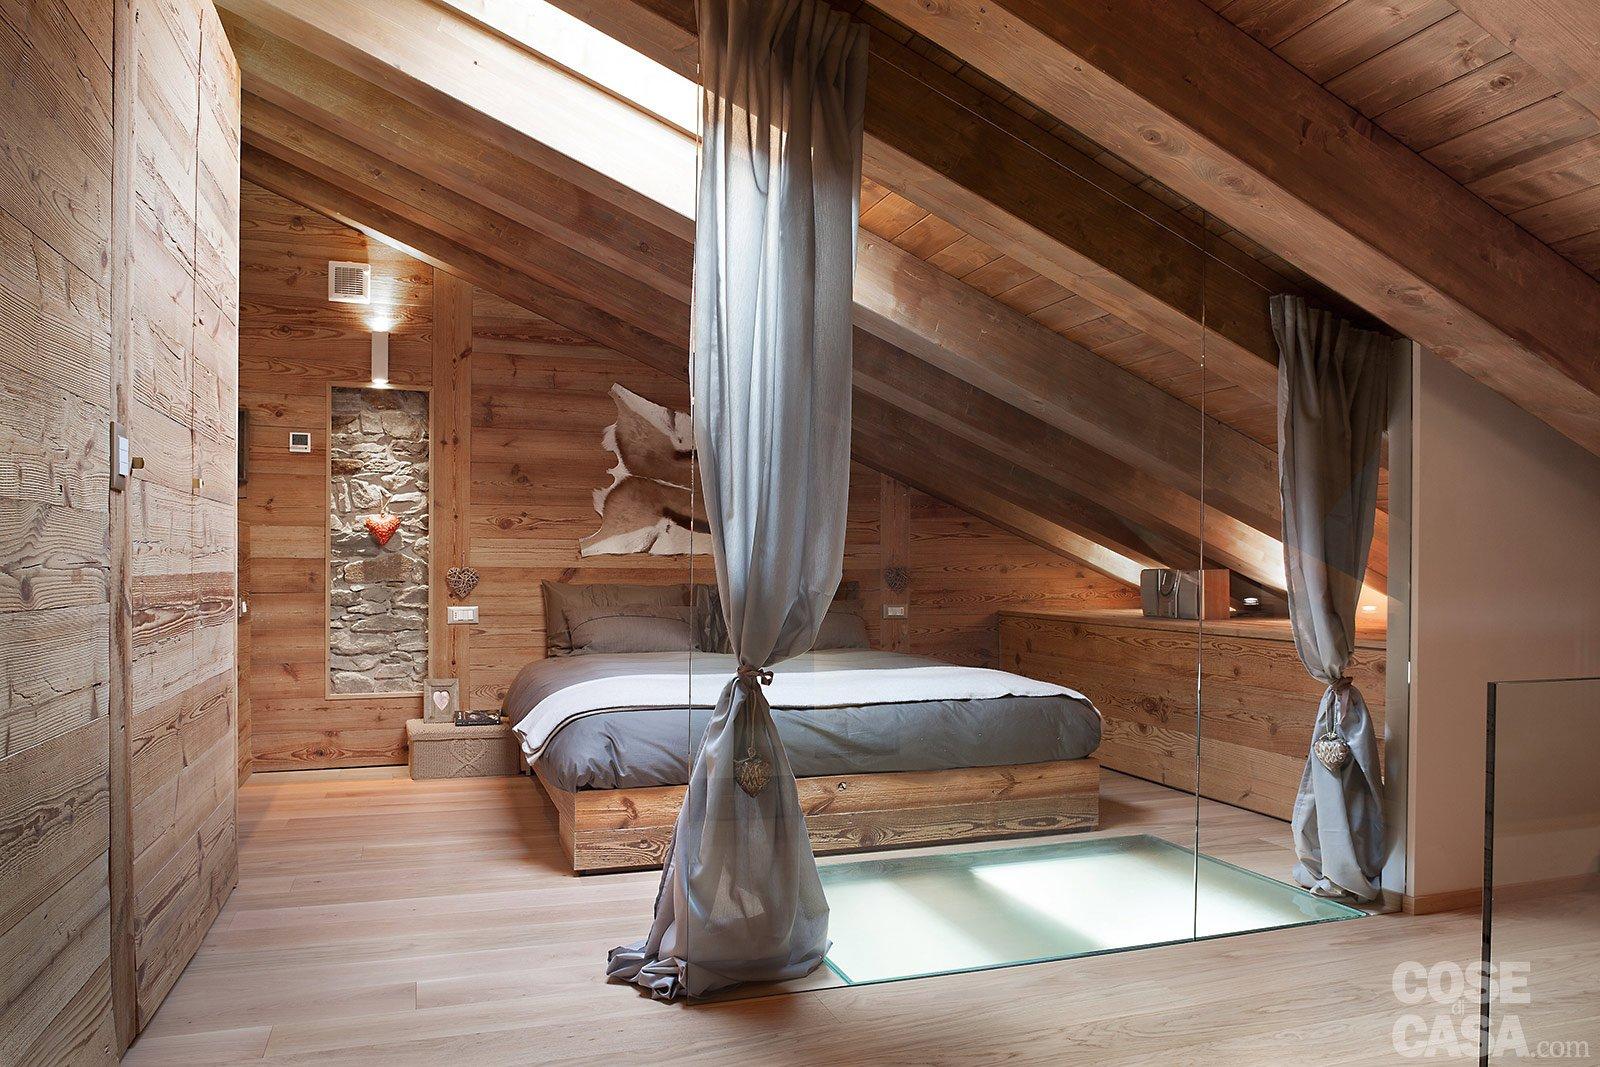 Come mai nelle zone di montagna i tetti sono ampi e molto spioventi